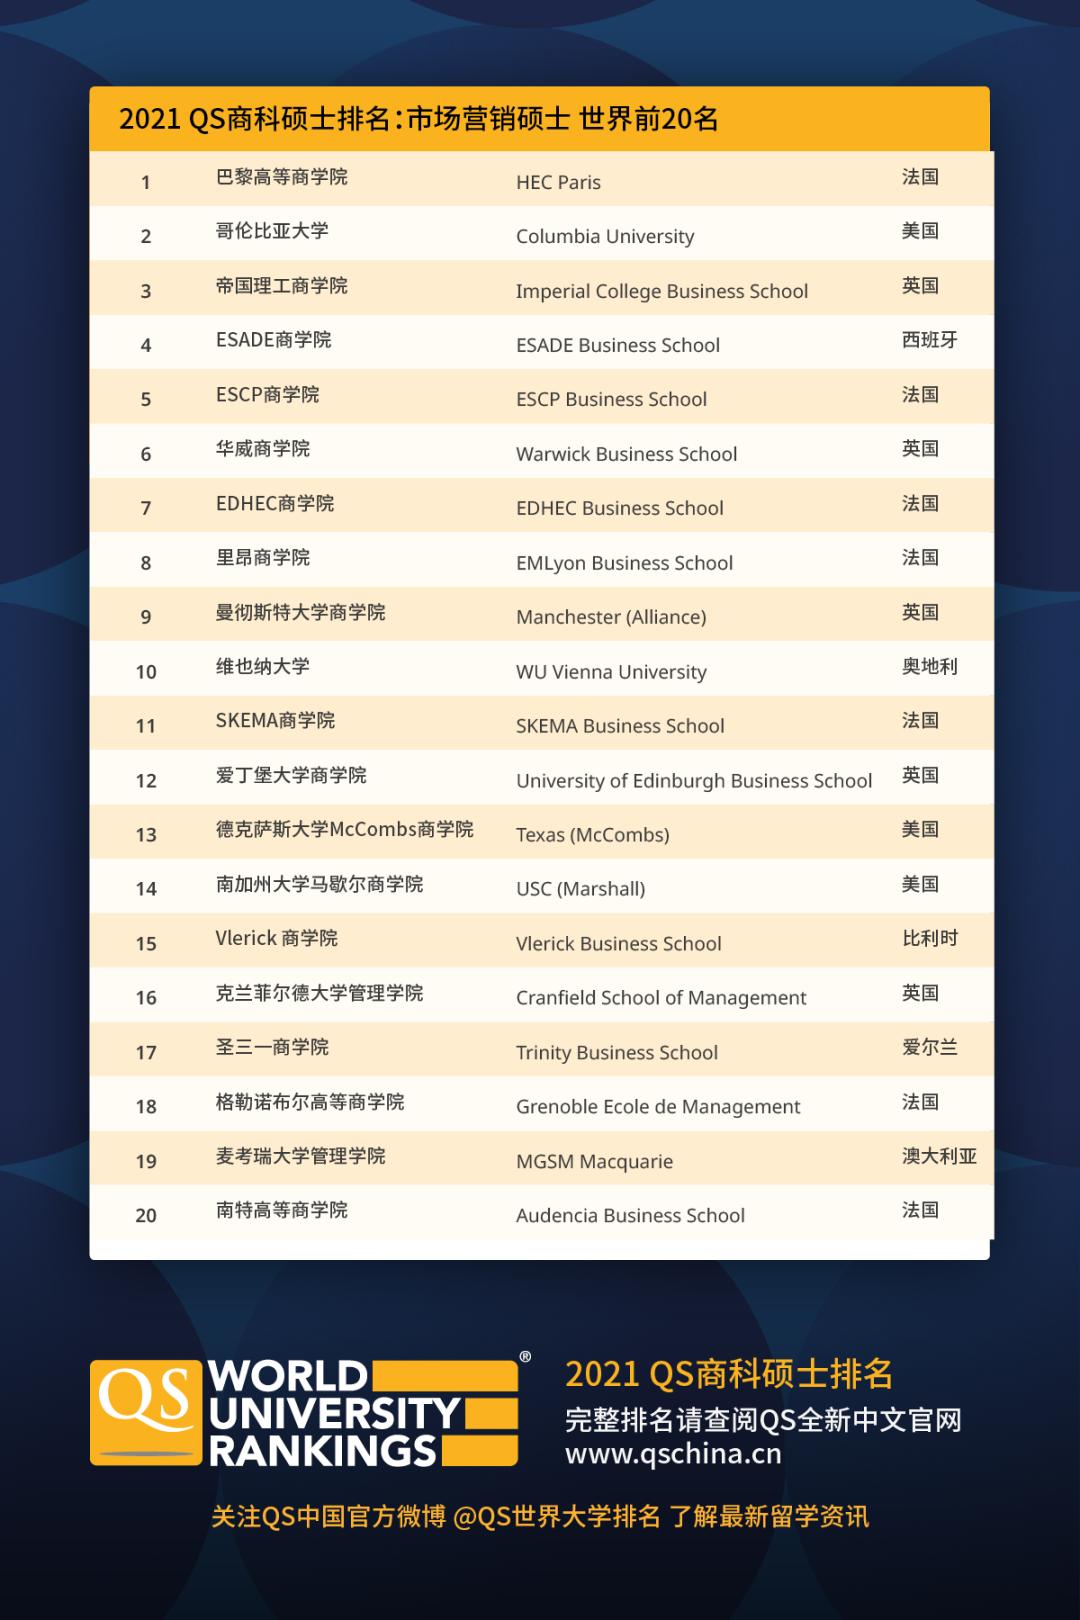 最新!QS发布2021商科硕士及MBA排名,前三甲都是美国院校!